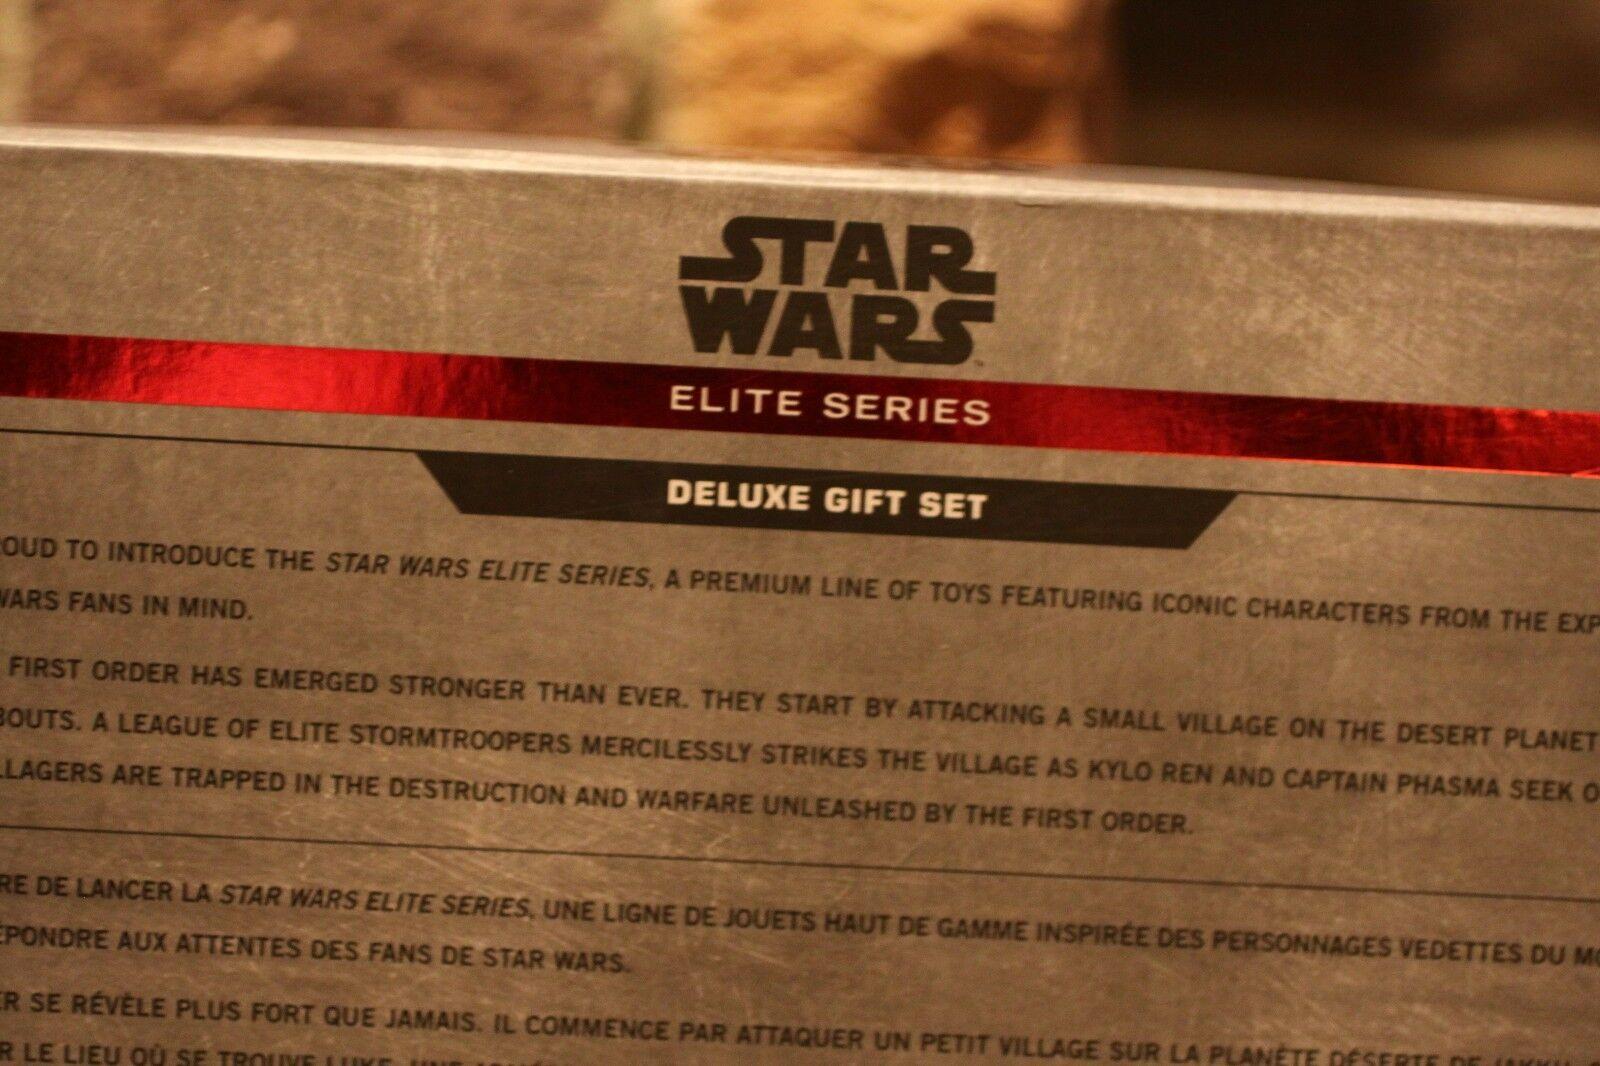 STAR WARS ELITE SERIES DELUXE DELUXE DELUXE GIFT SET DIE CAST ACTION FIGURE FINN KYLO REN HTF  9648f1